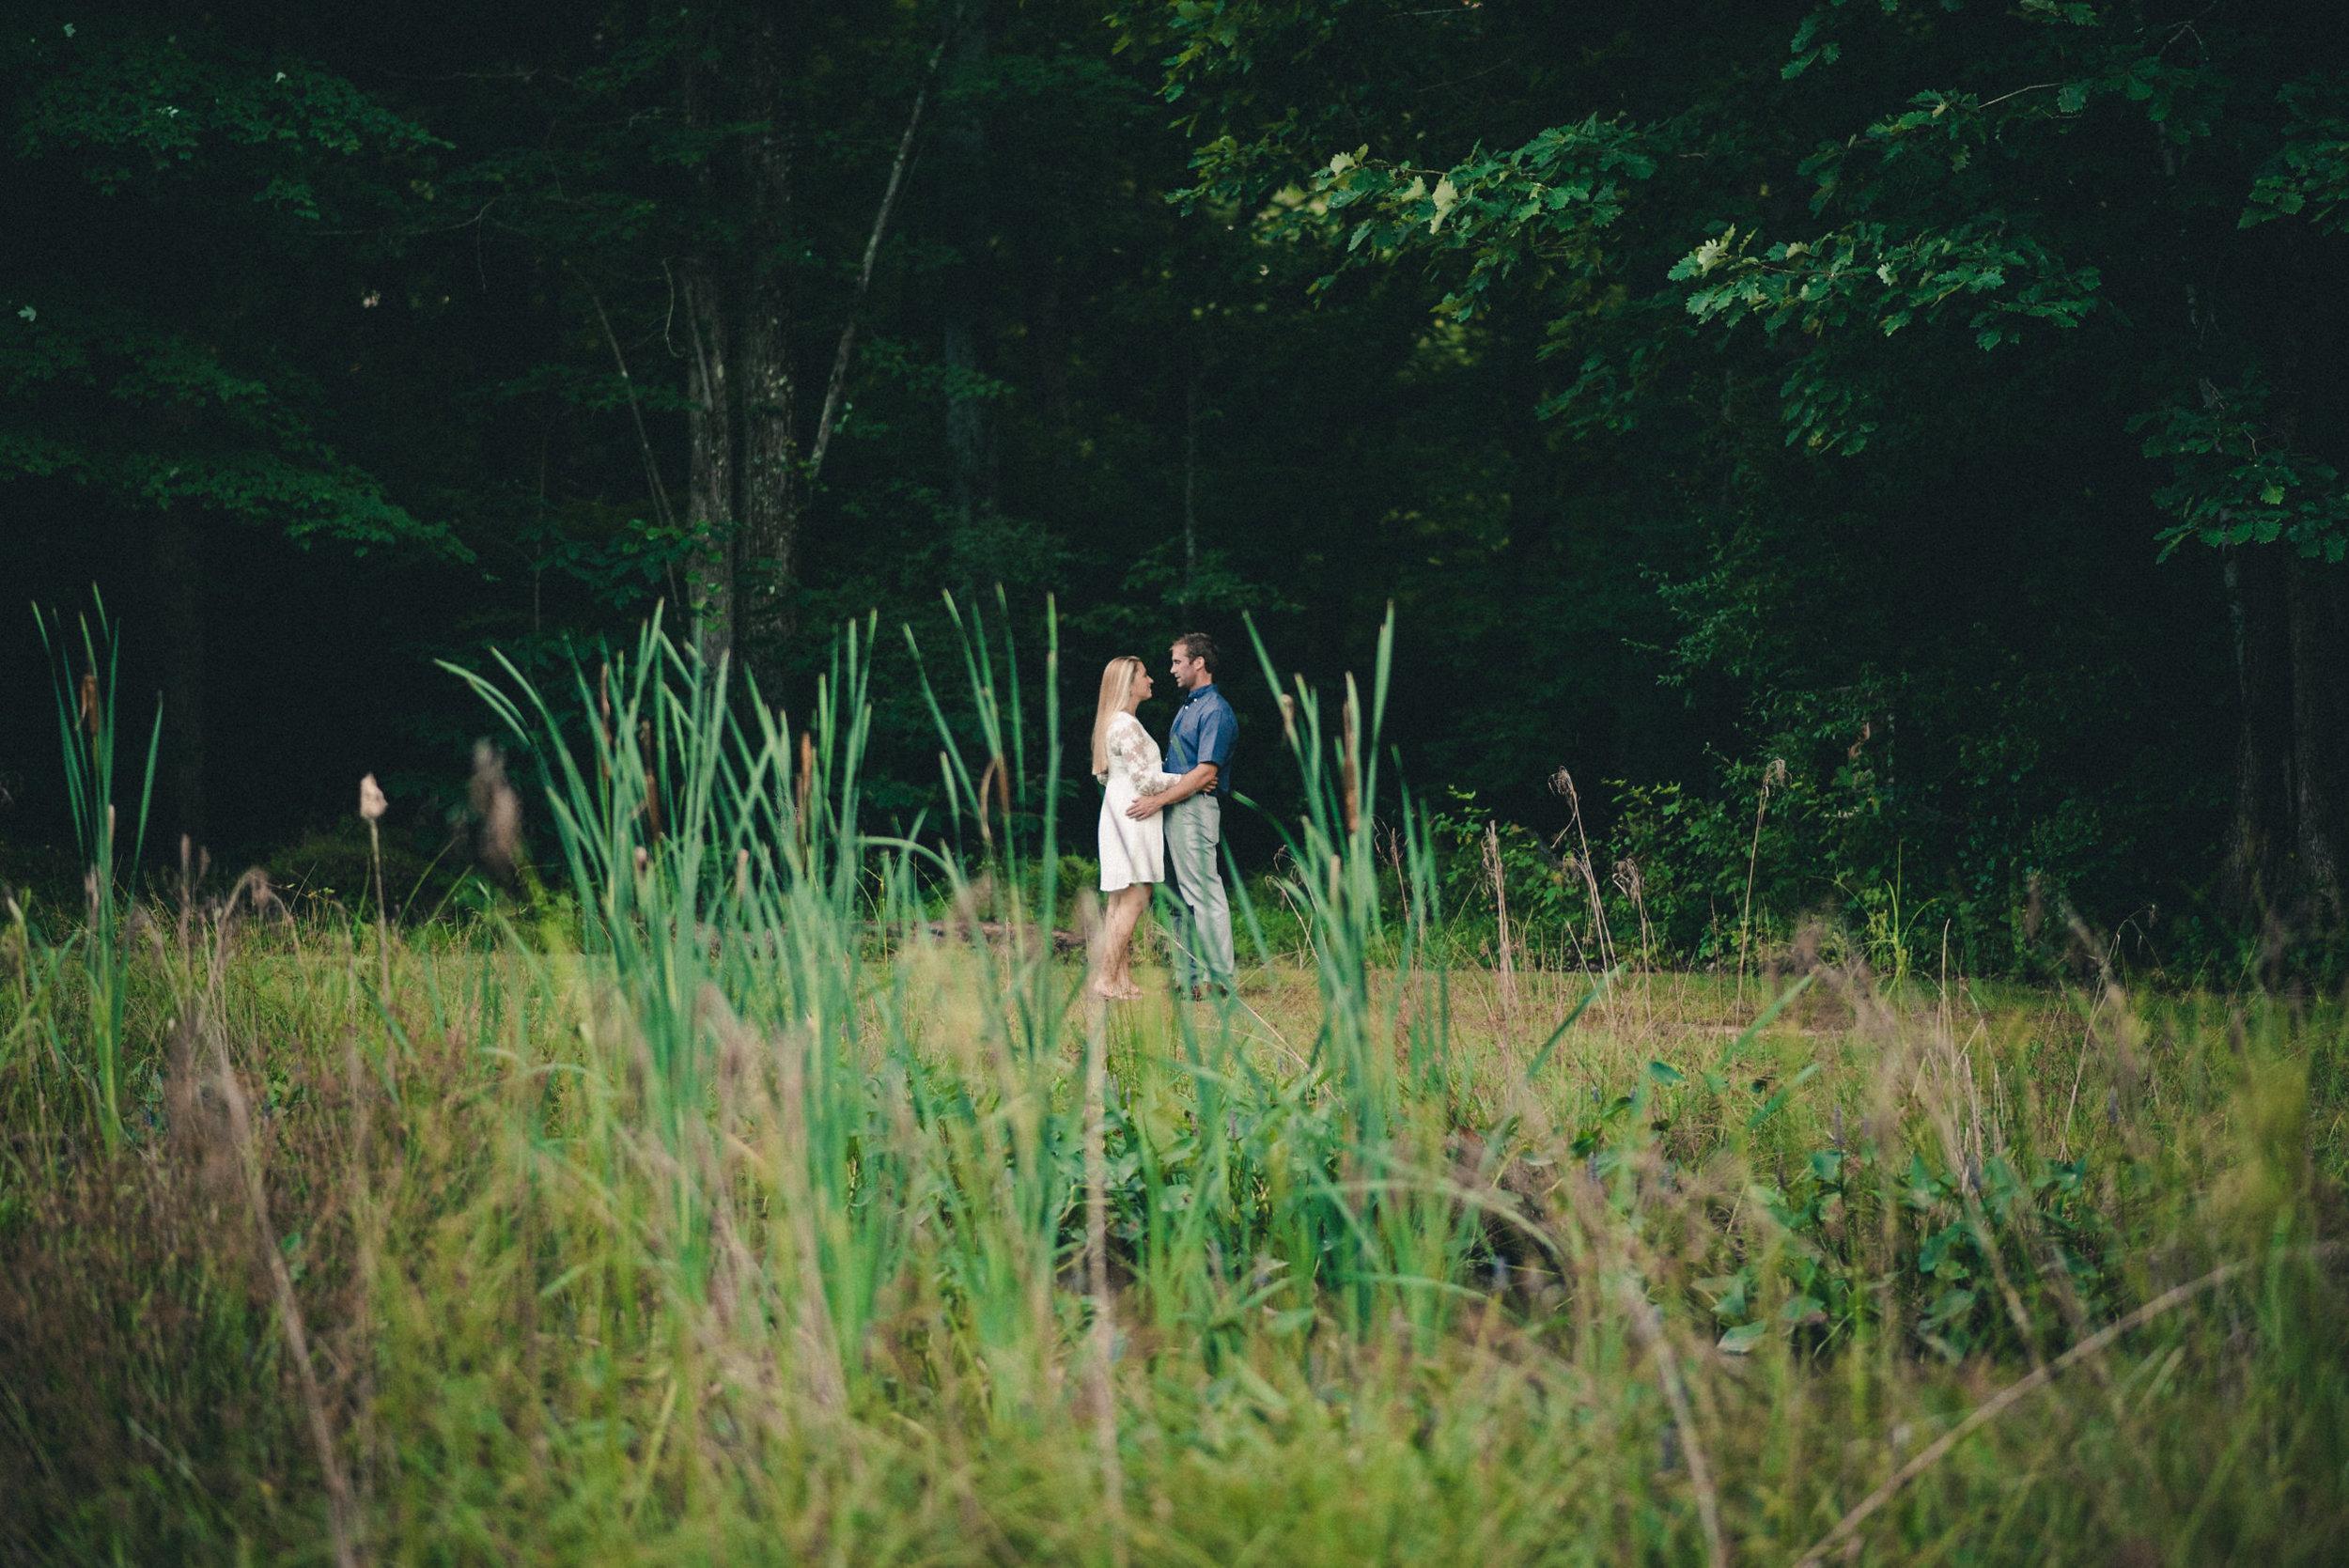 Couple from far away through tall grass